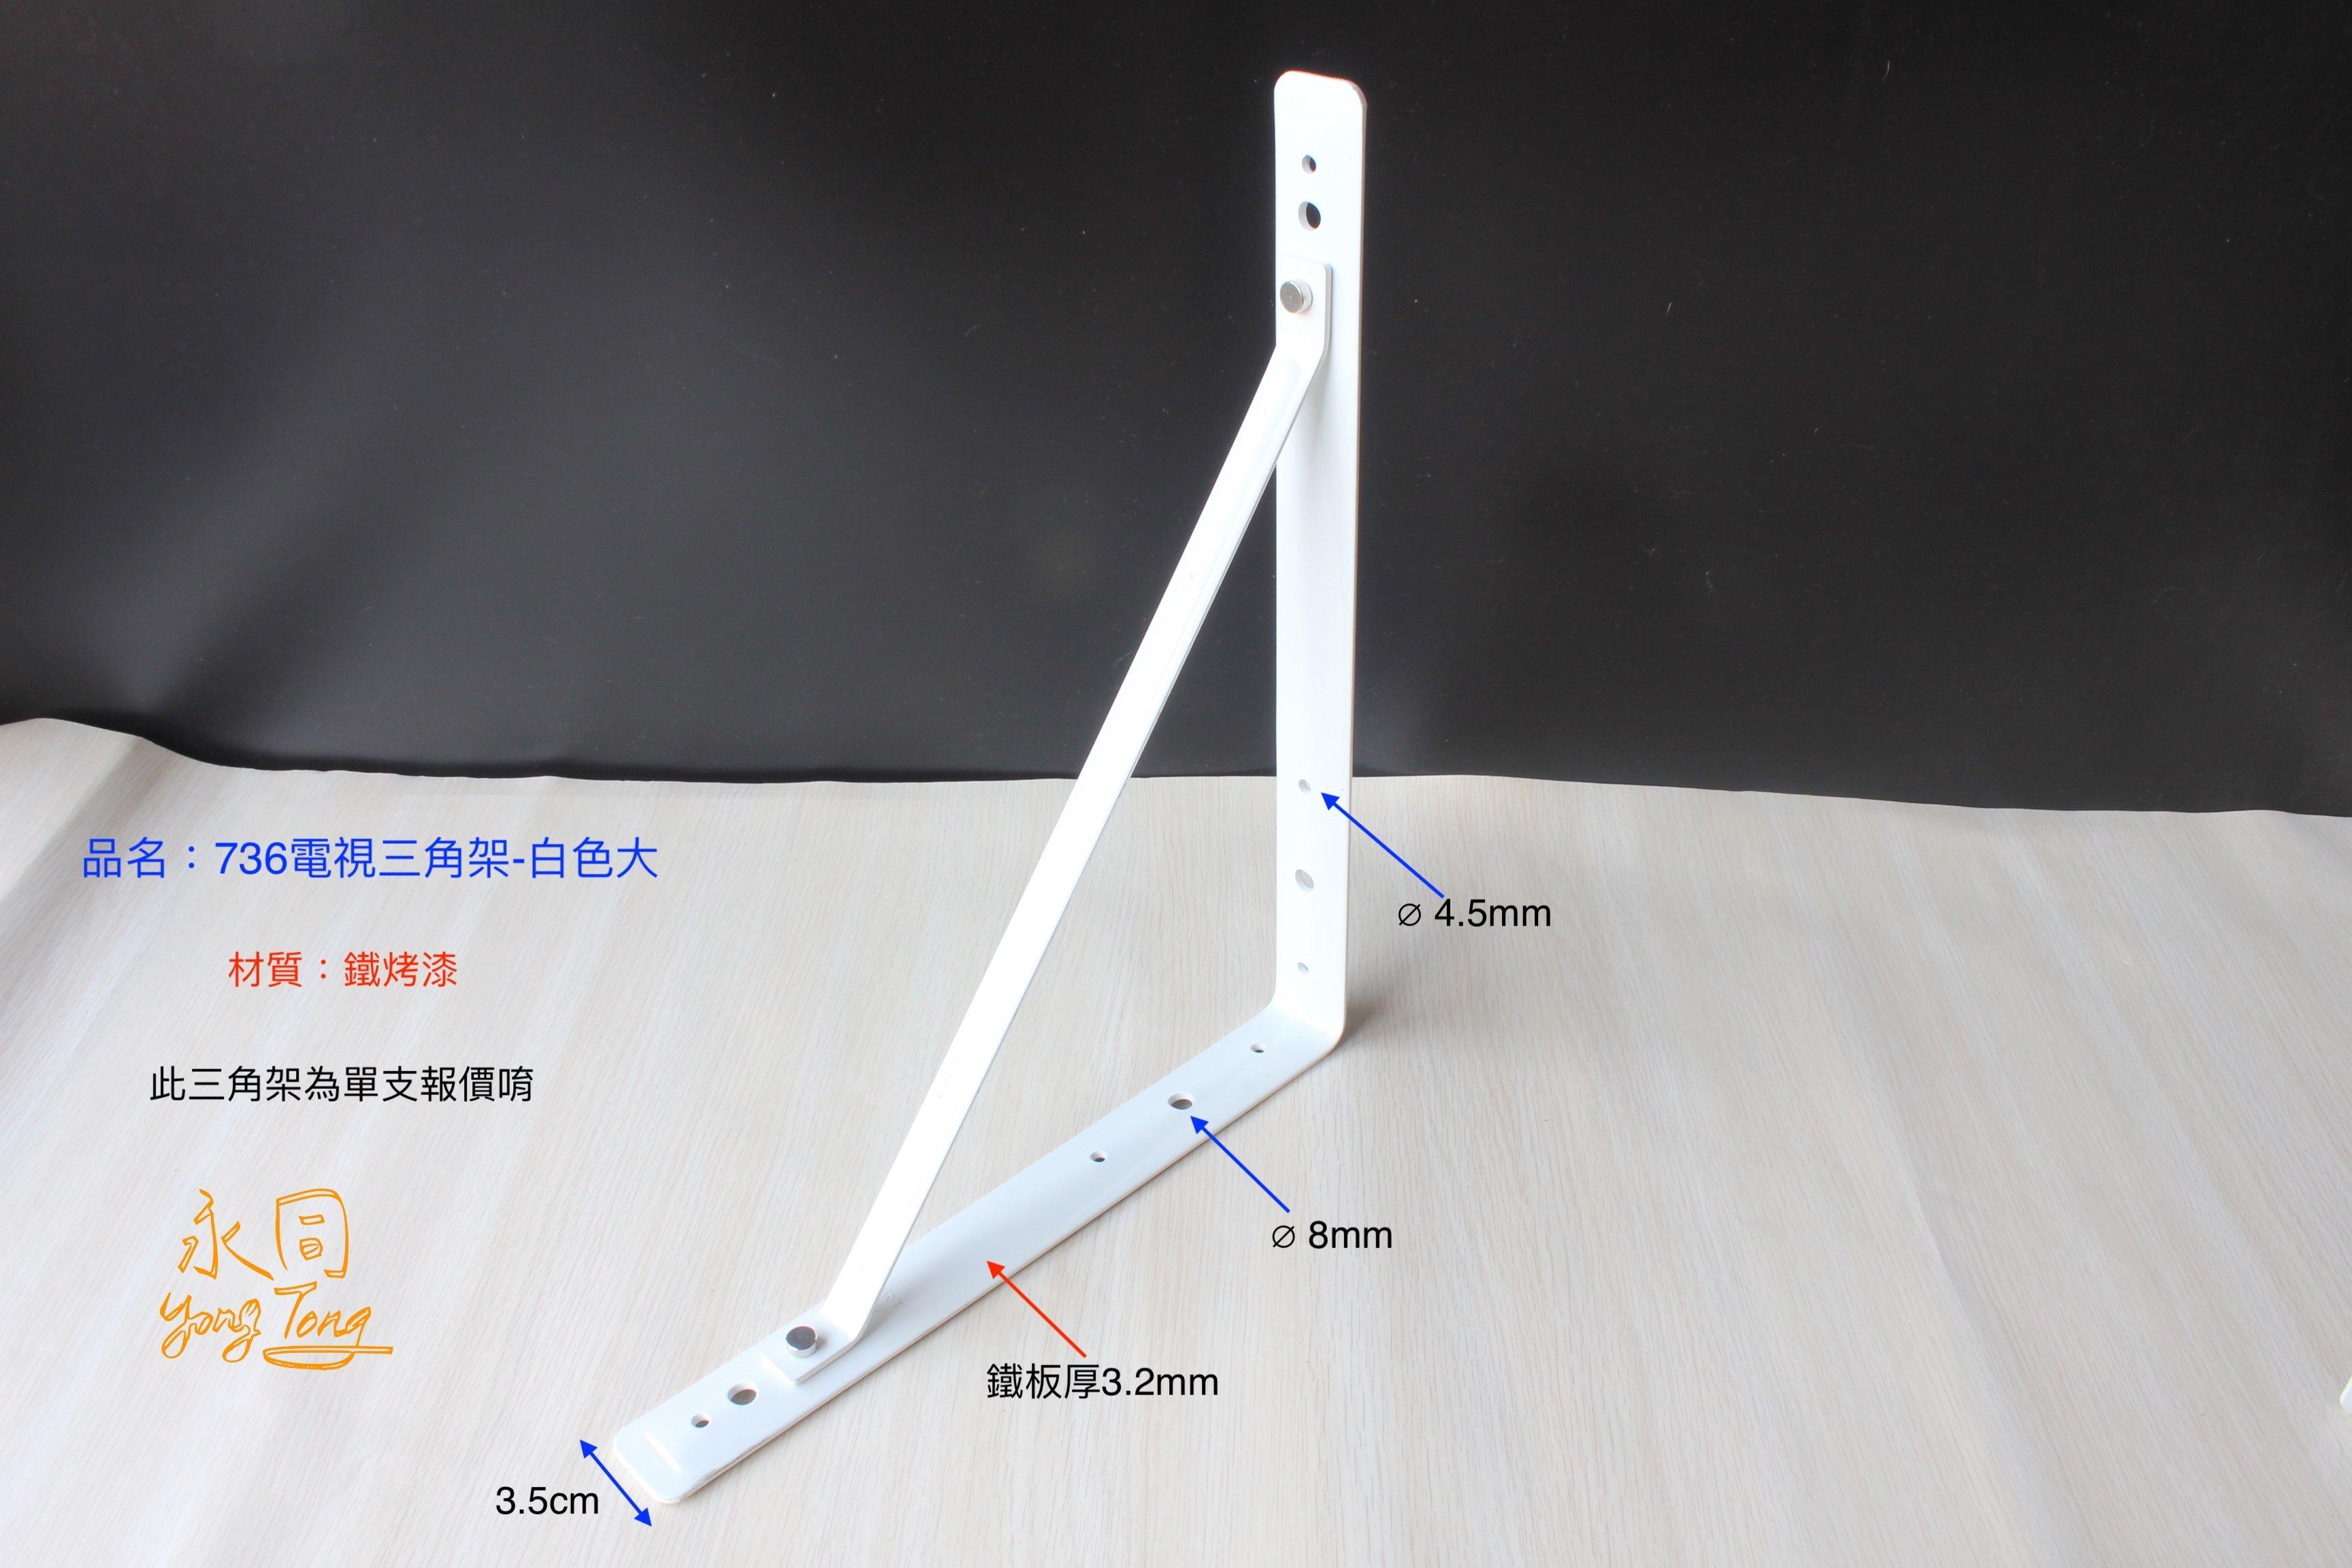 『永同 』736電視三角架 白色 大 賣場 付螺絲釘 鋼鐵高溫粉體烤漆 L型架 支撐架 層板架 木板架 固定架